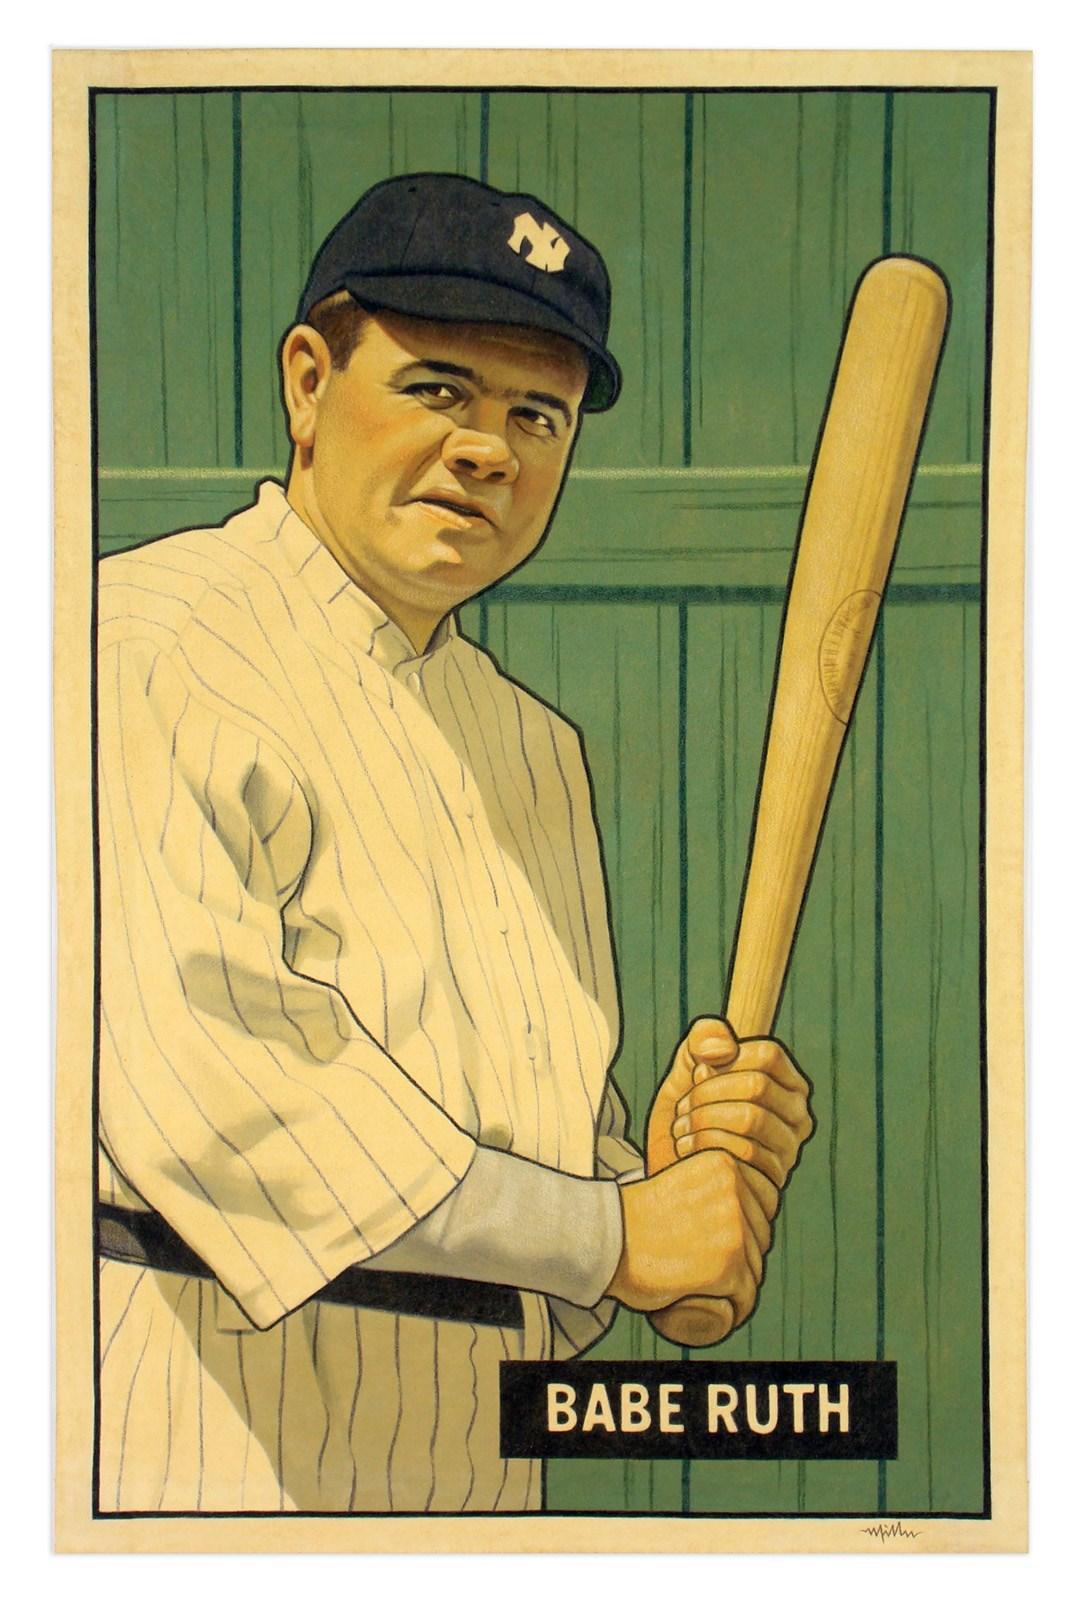 Sports Fine Art - Leland's Classic